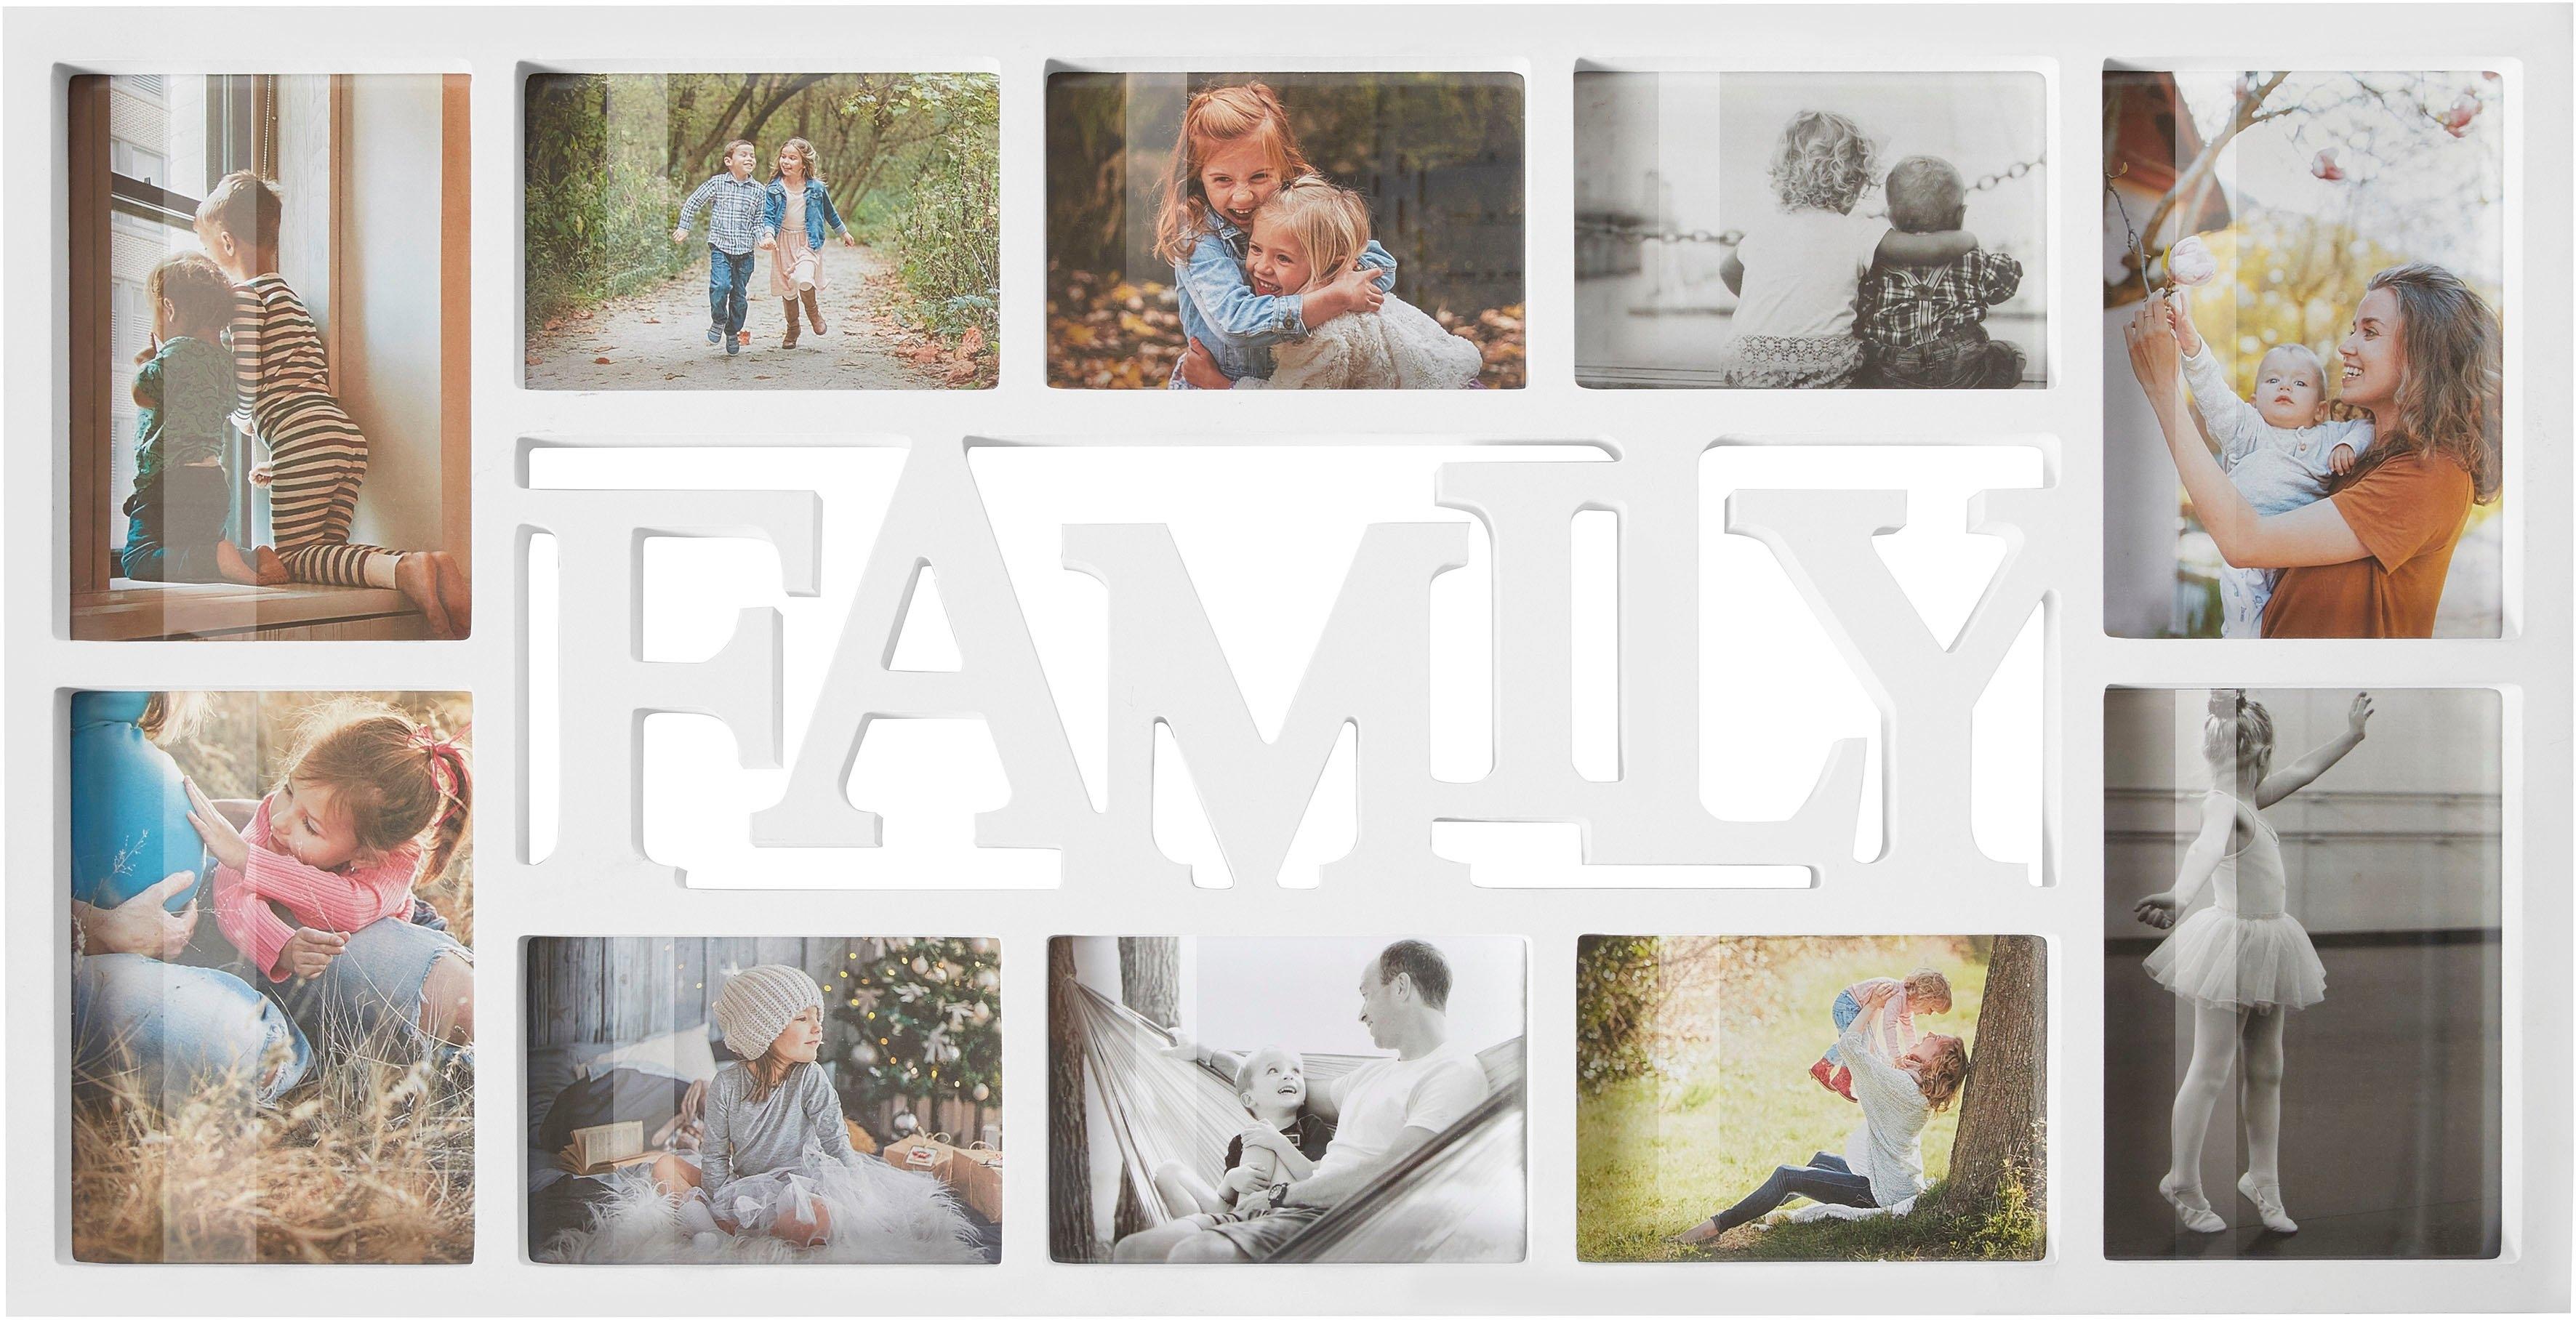 Home affaire collagelijst »FAMILY« bestellen: 30 dagen bedenktijd